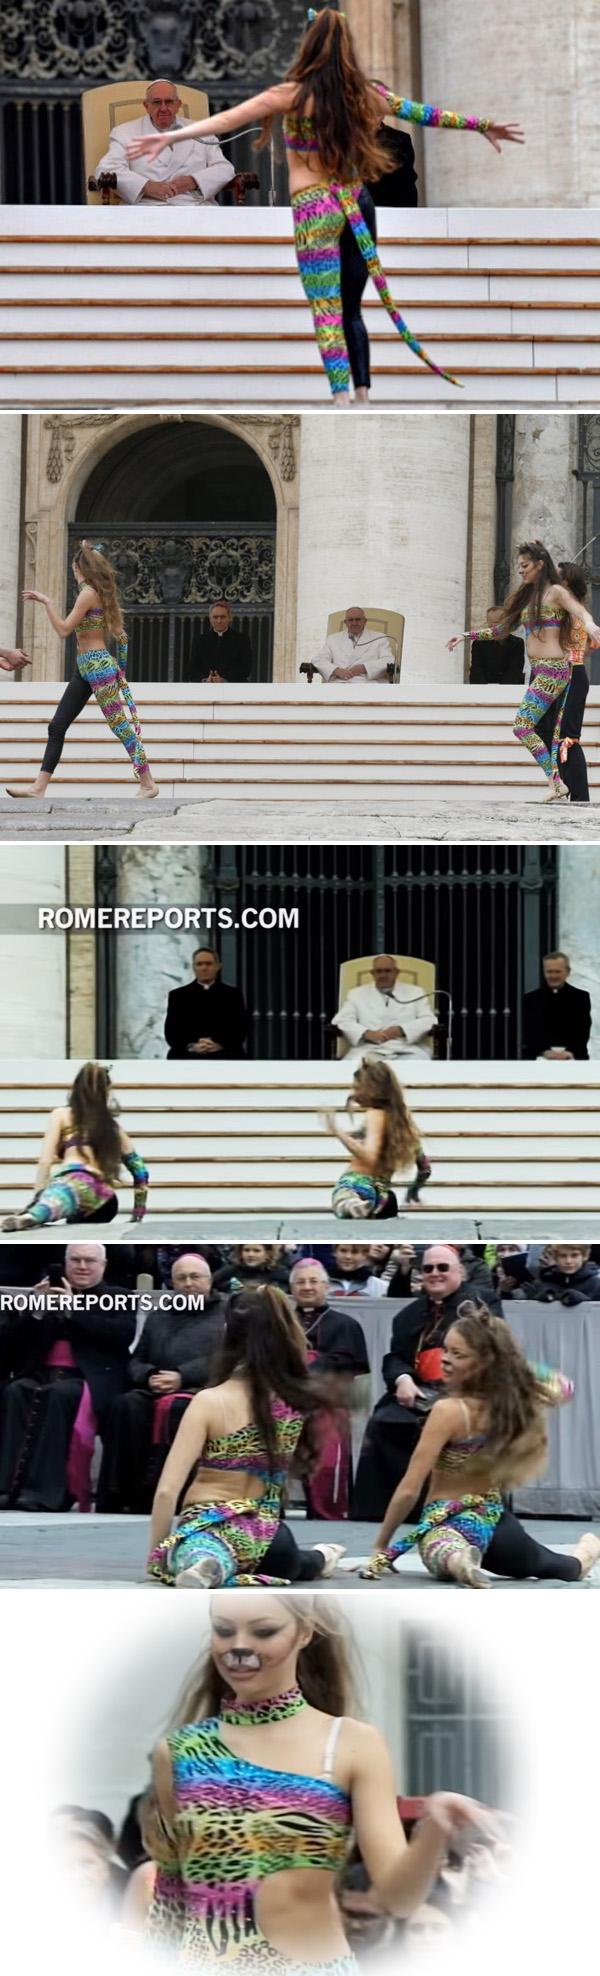 Pope's kittens -2